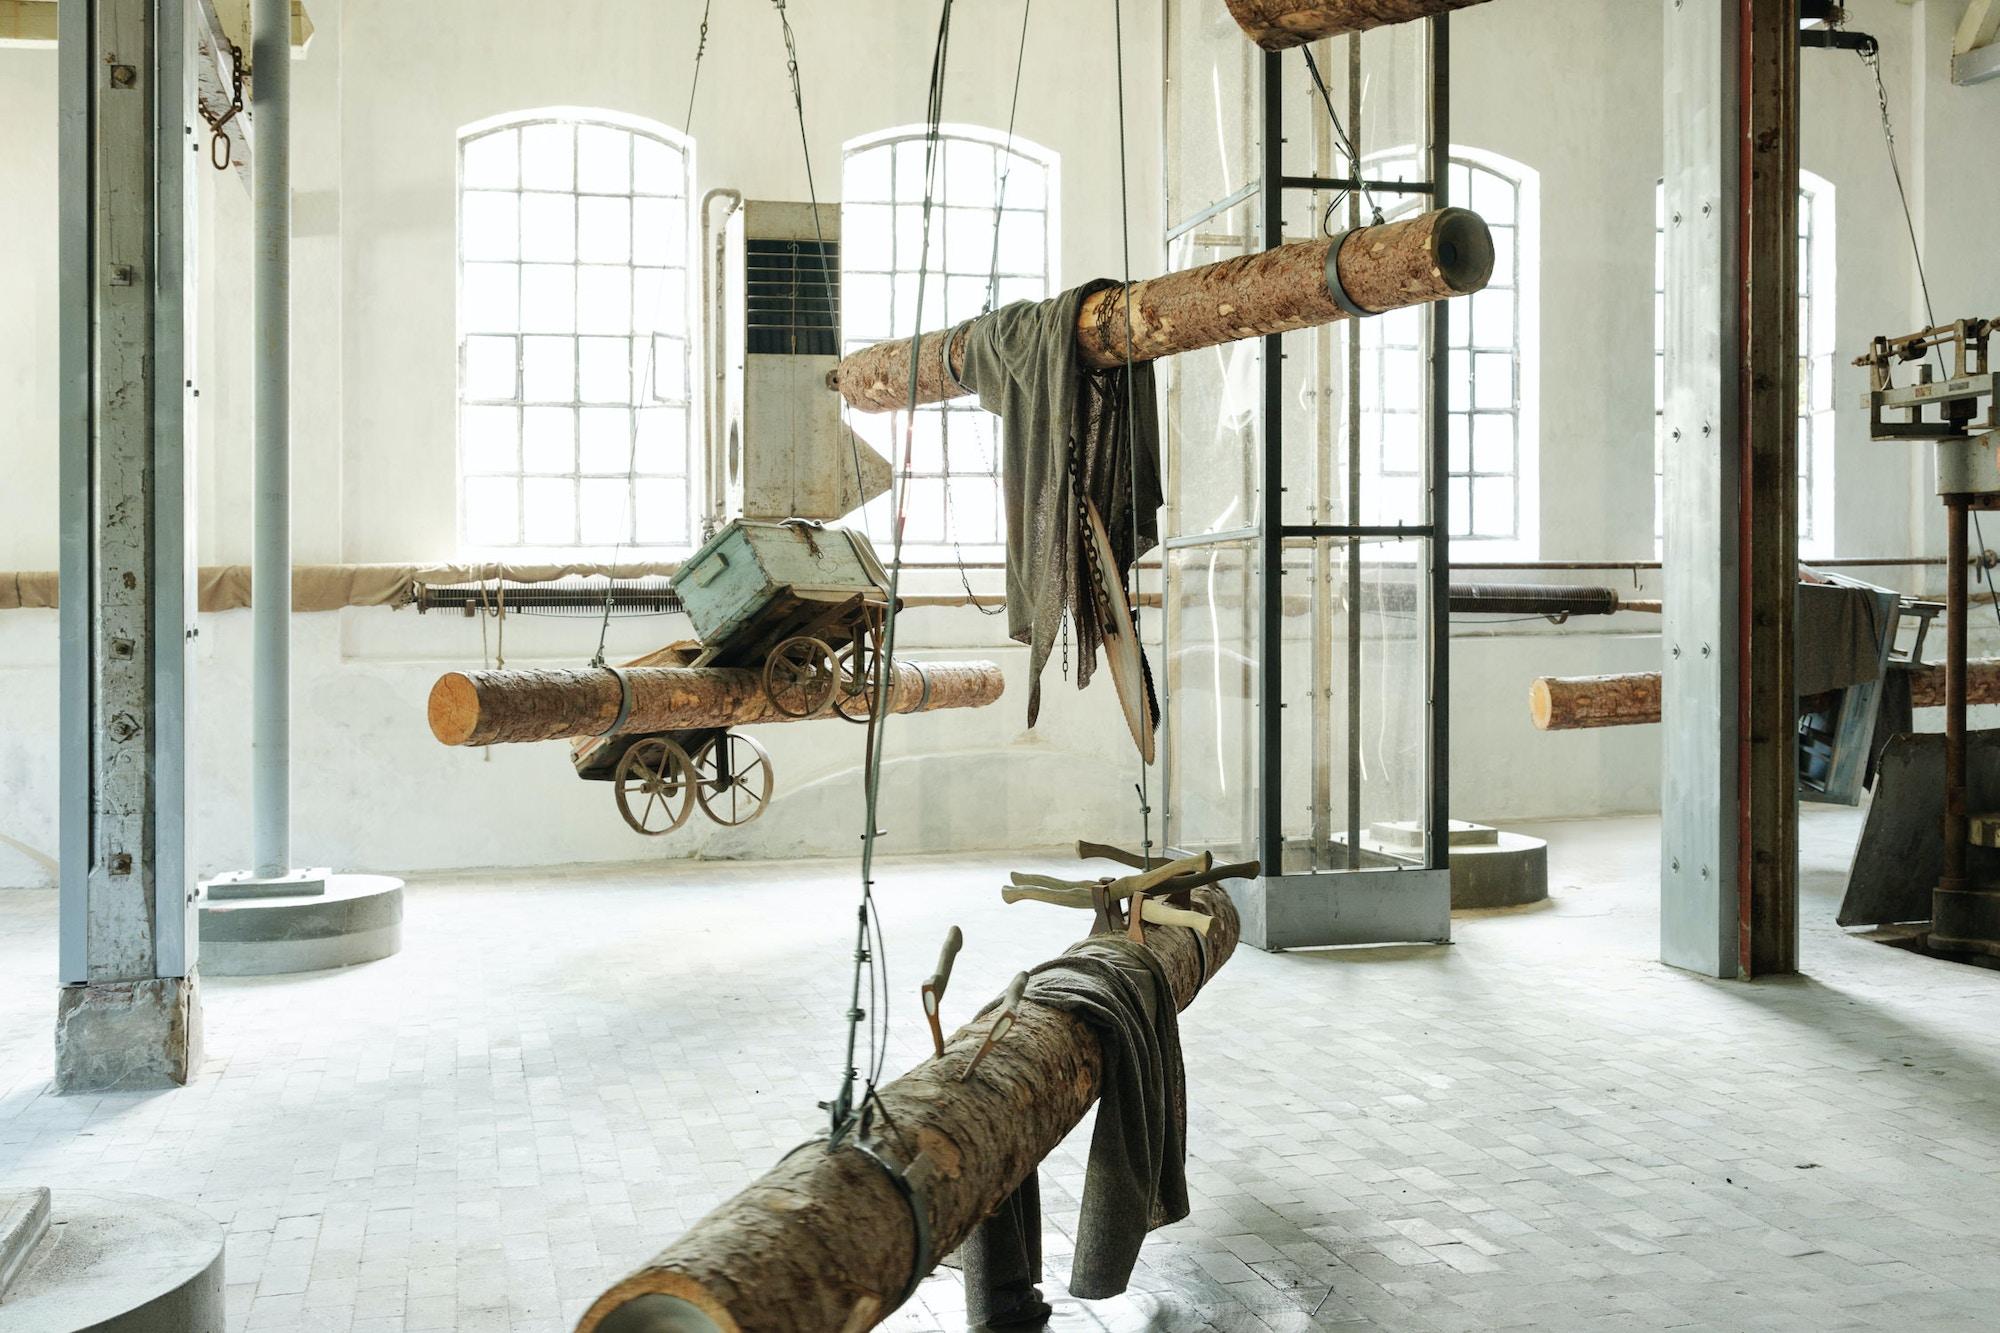 Kunstinstallasjon. Tømmerstokker henger fra taket i en gammel fabrikkhall.